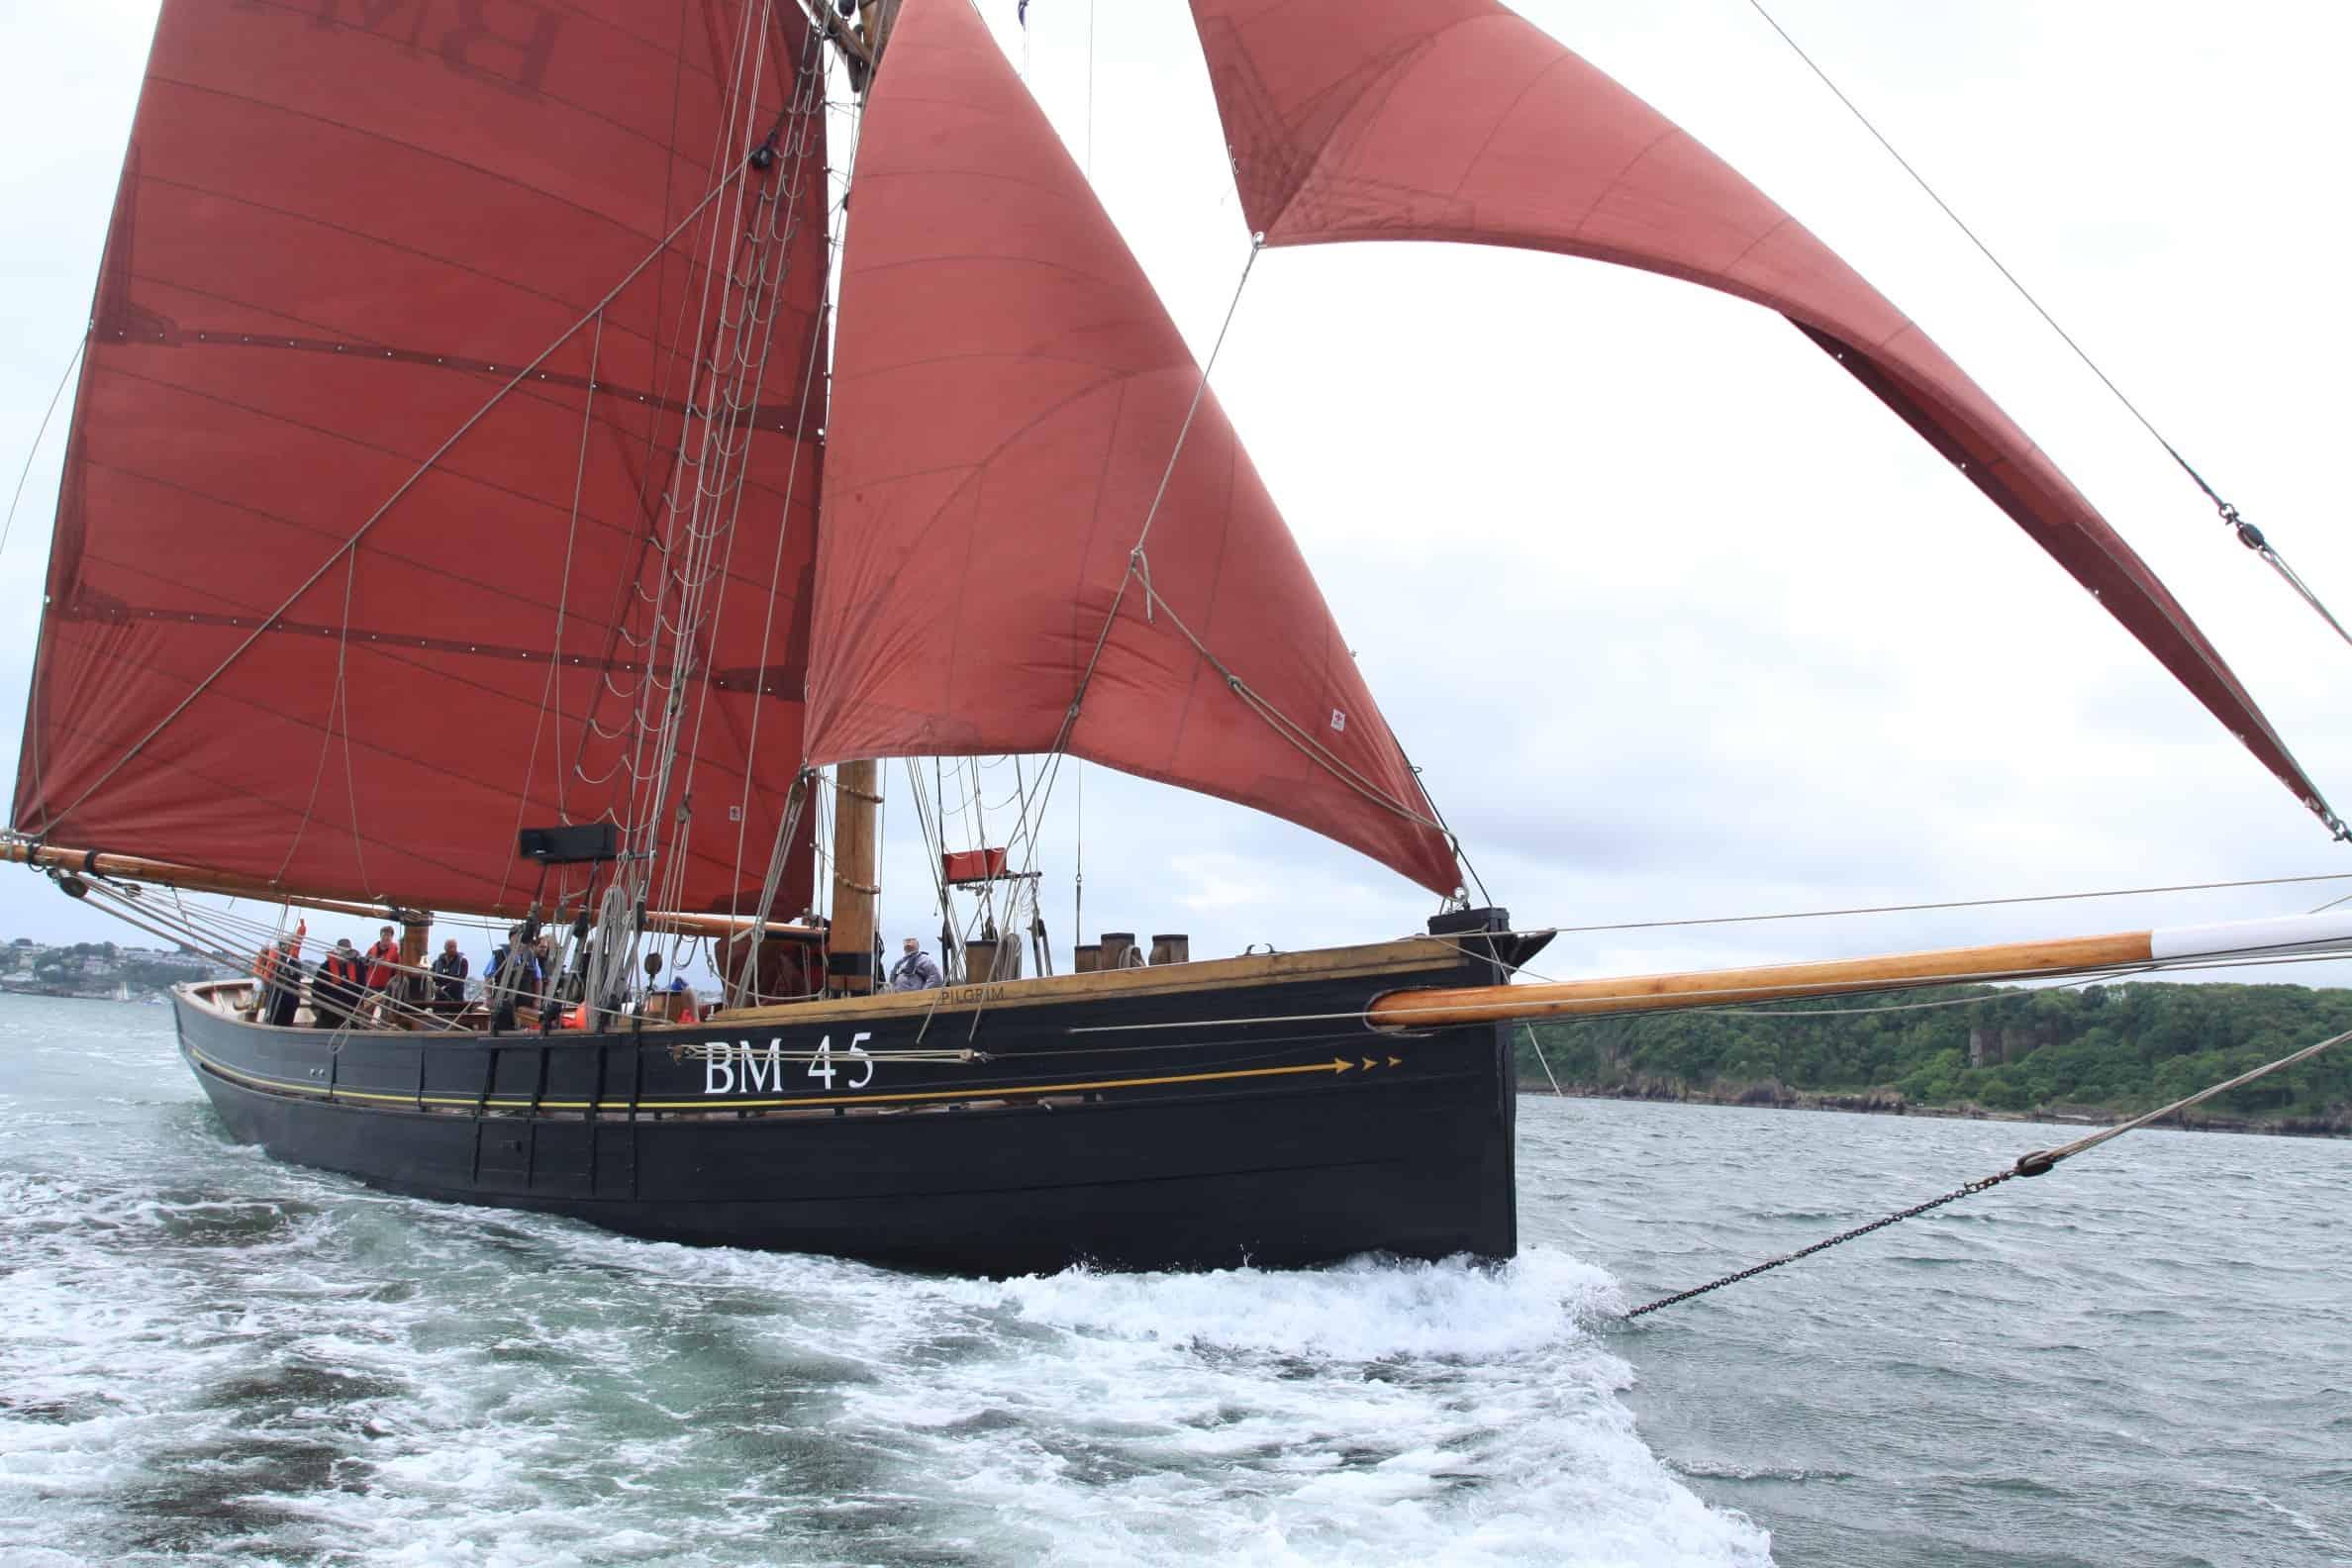 Pilgrim has iconic red sails